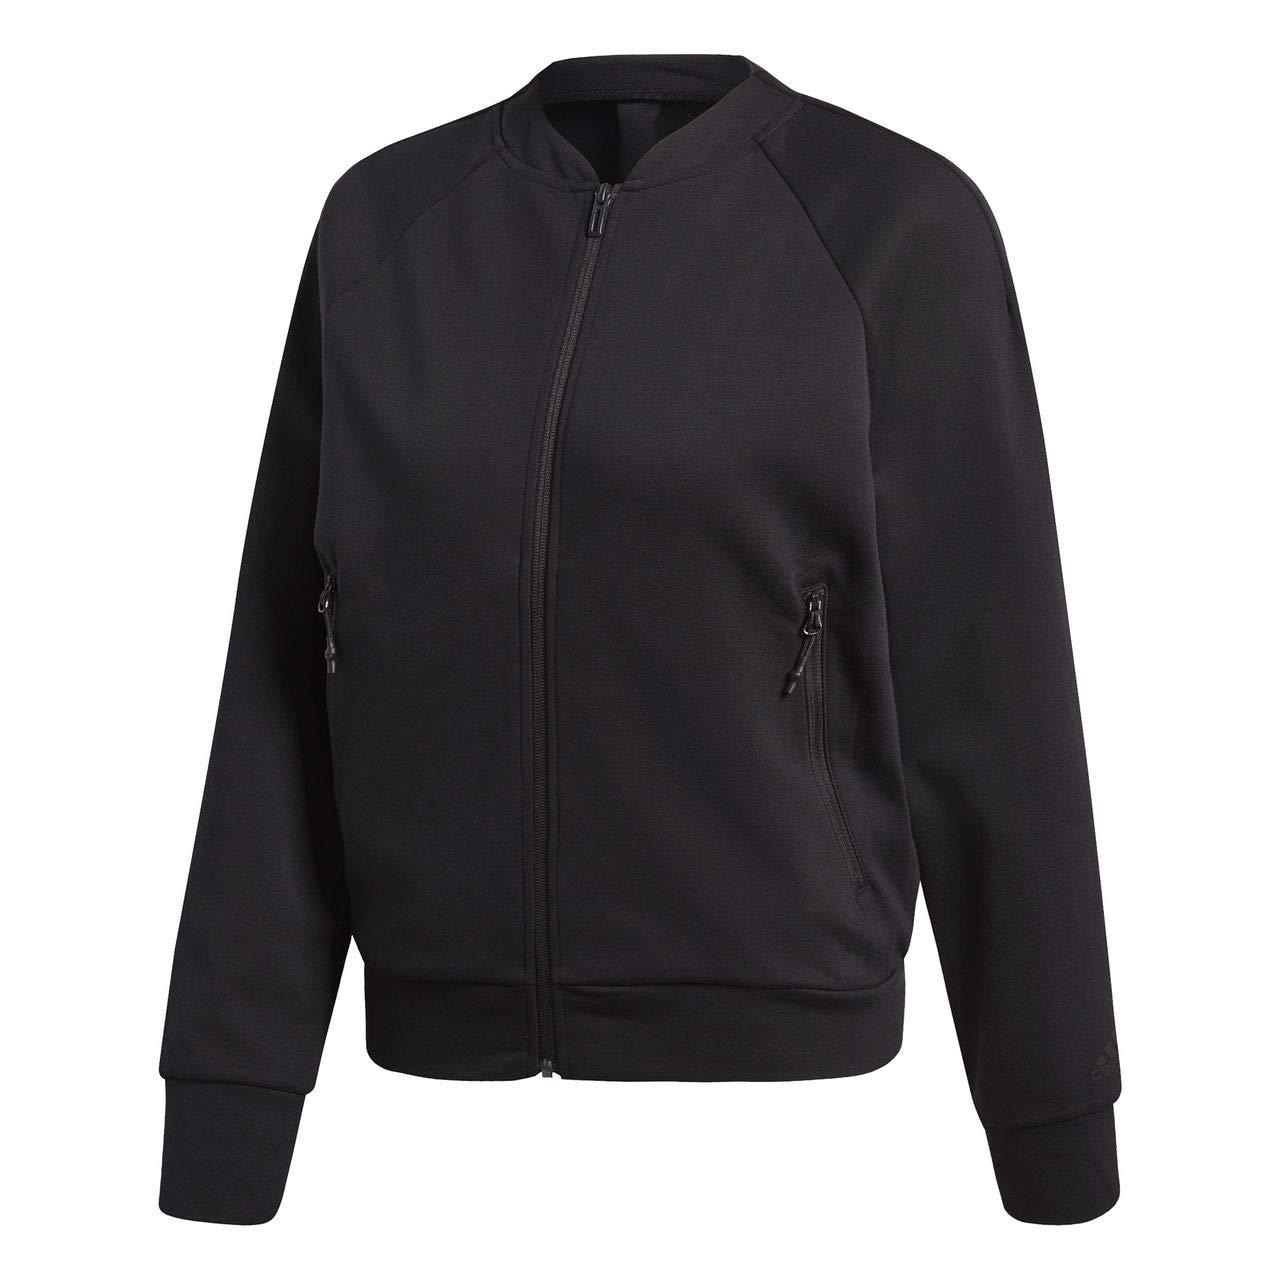 Noir M ADIDAS CG1032 GLOIRE veste noire